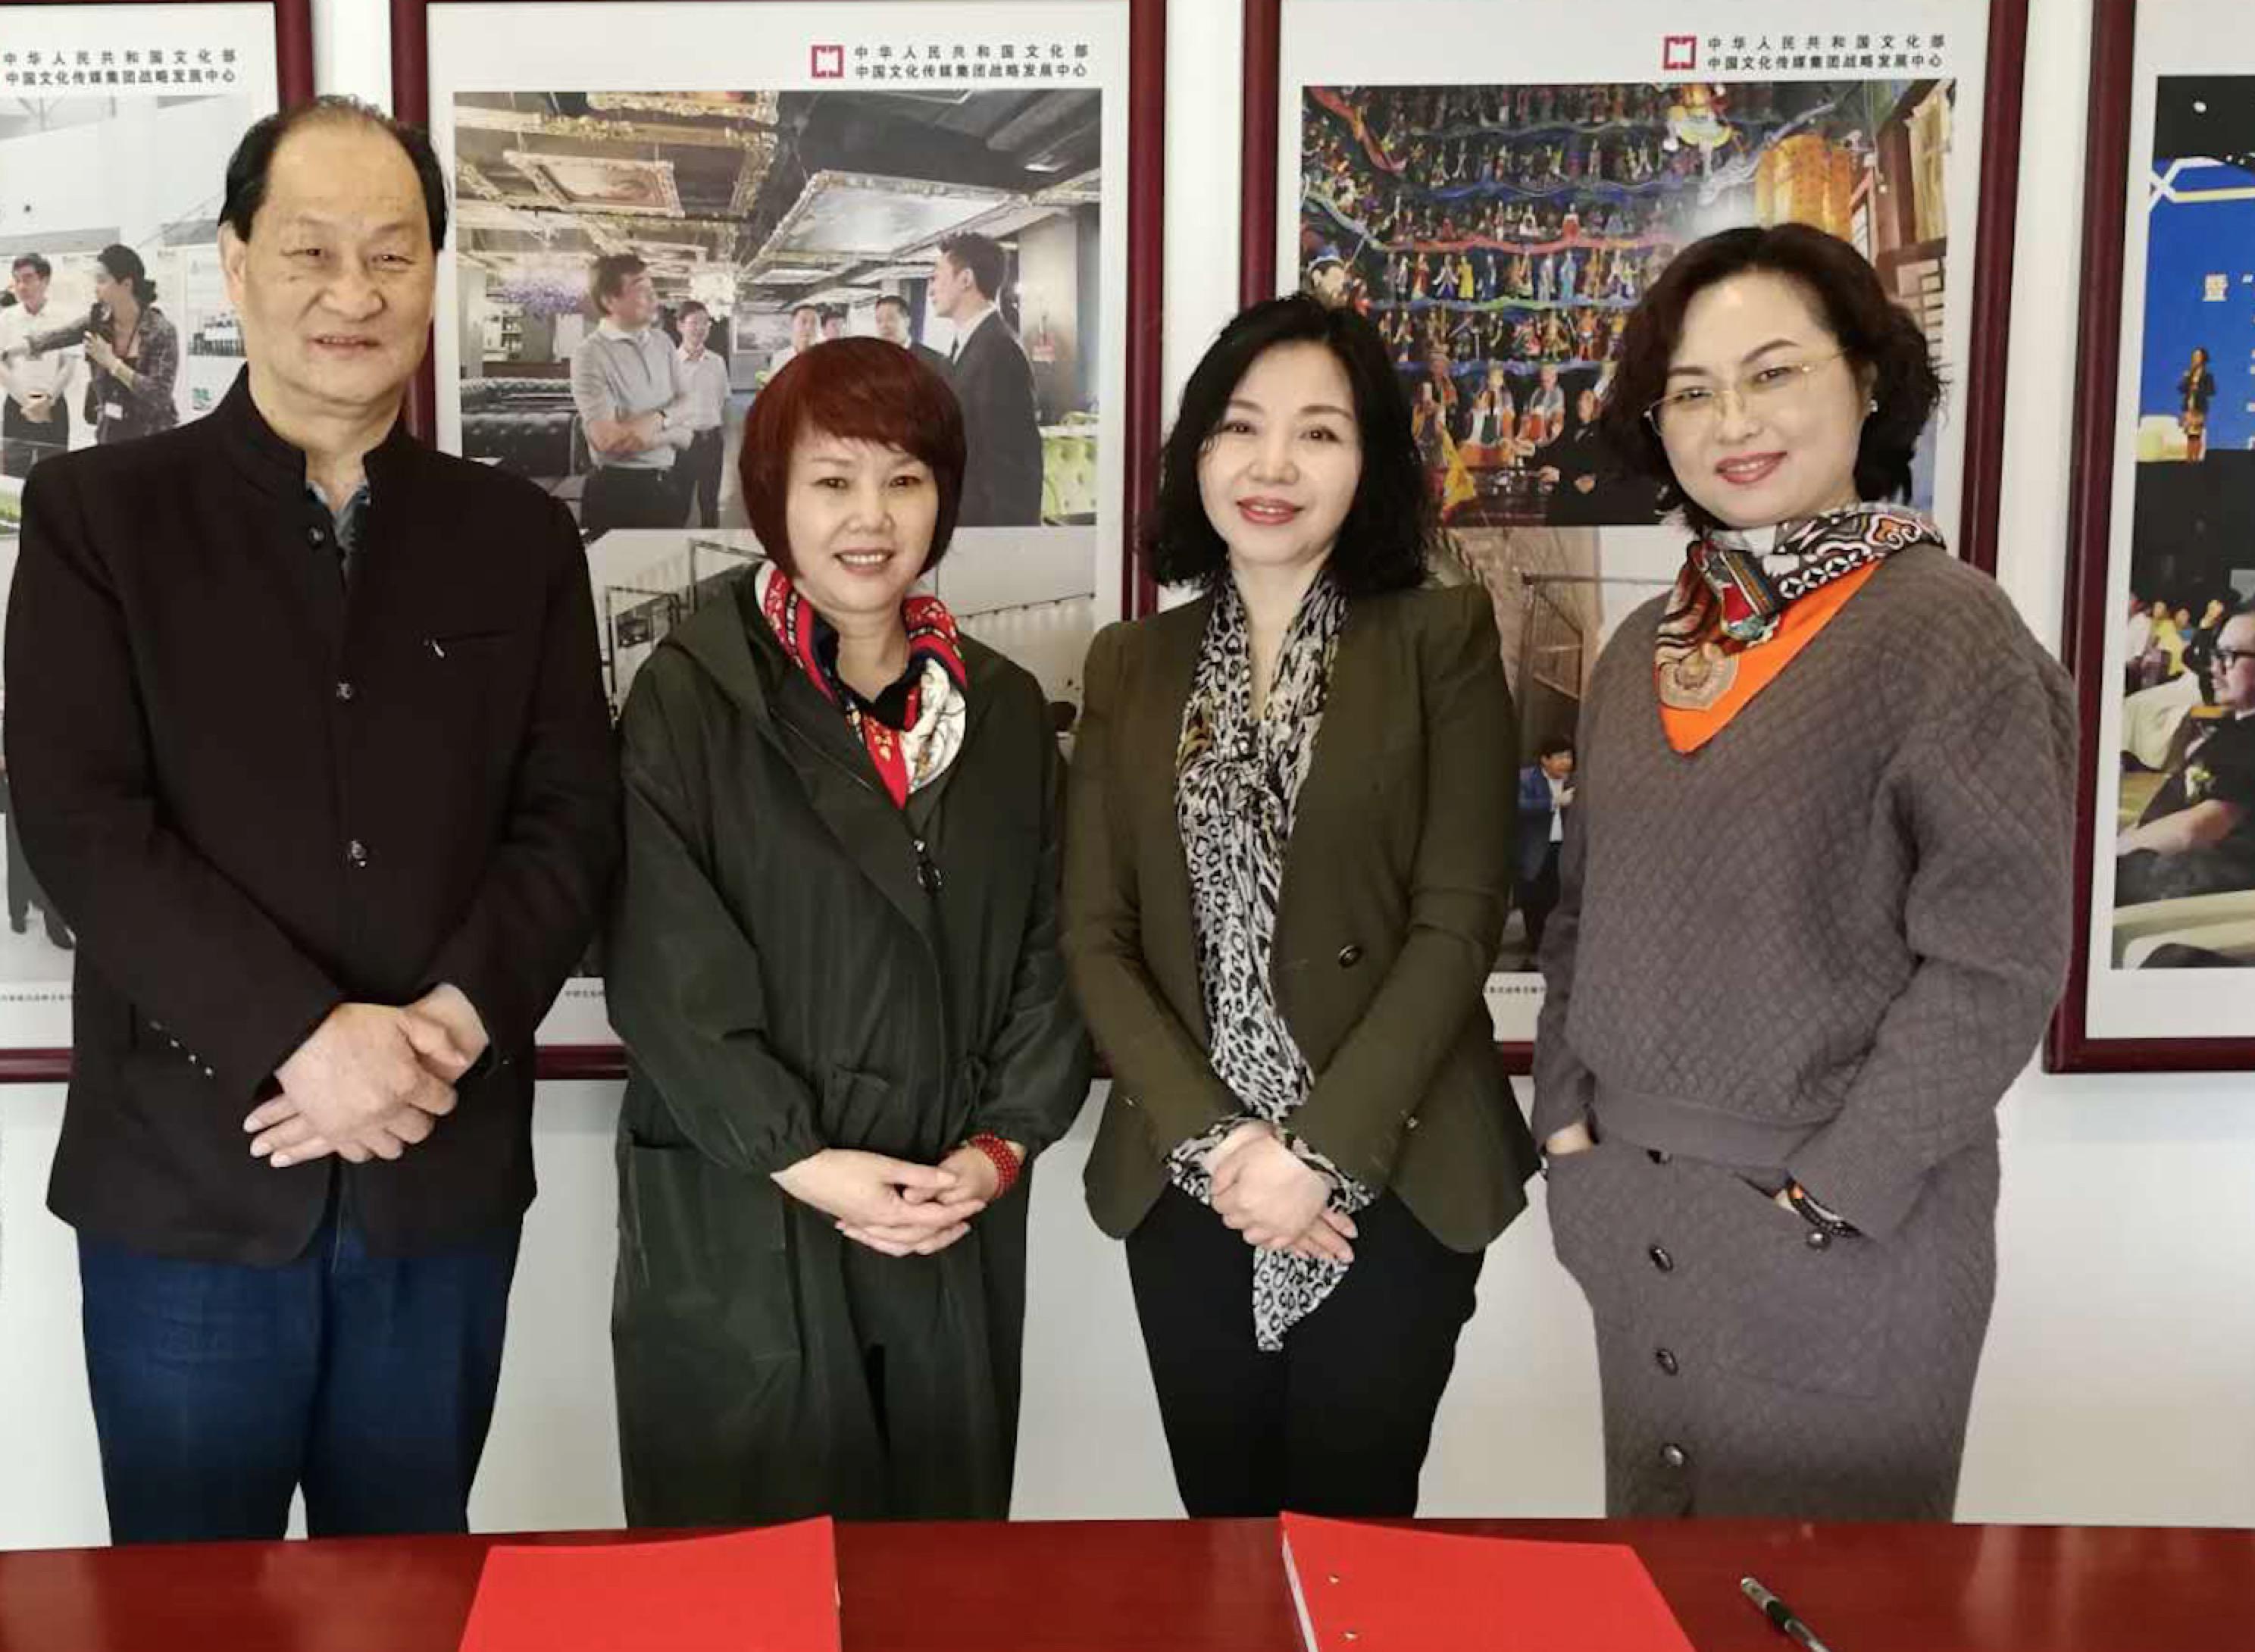 传承中国文化基因,共赴新时代文化使命